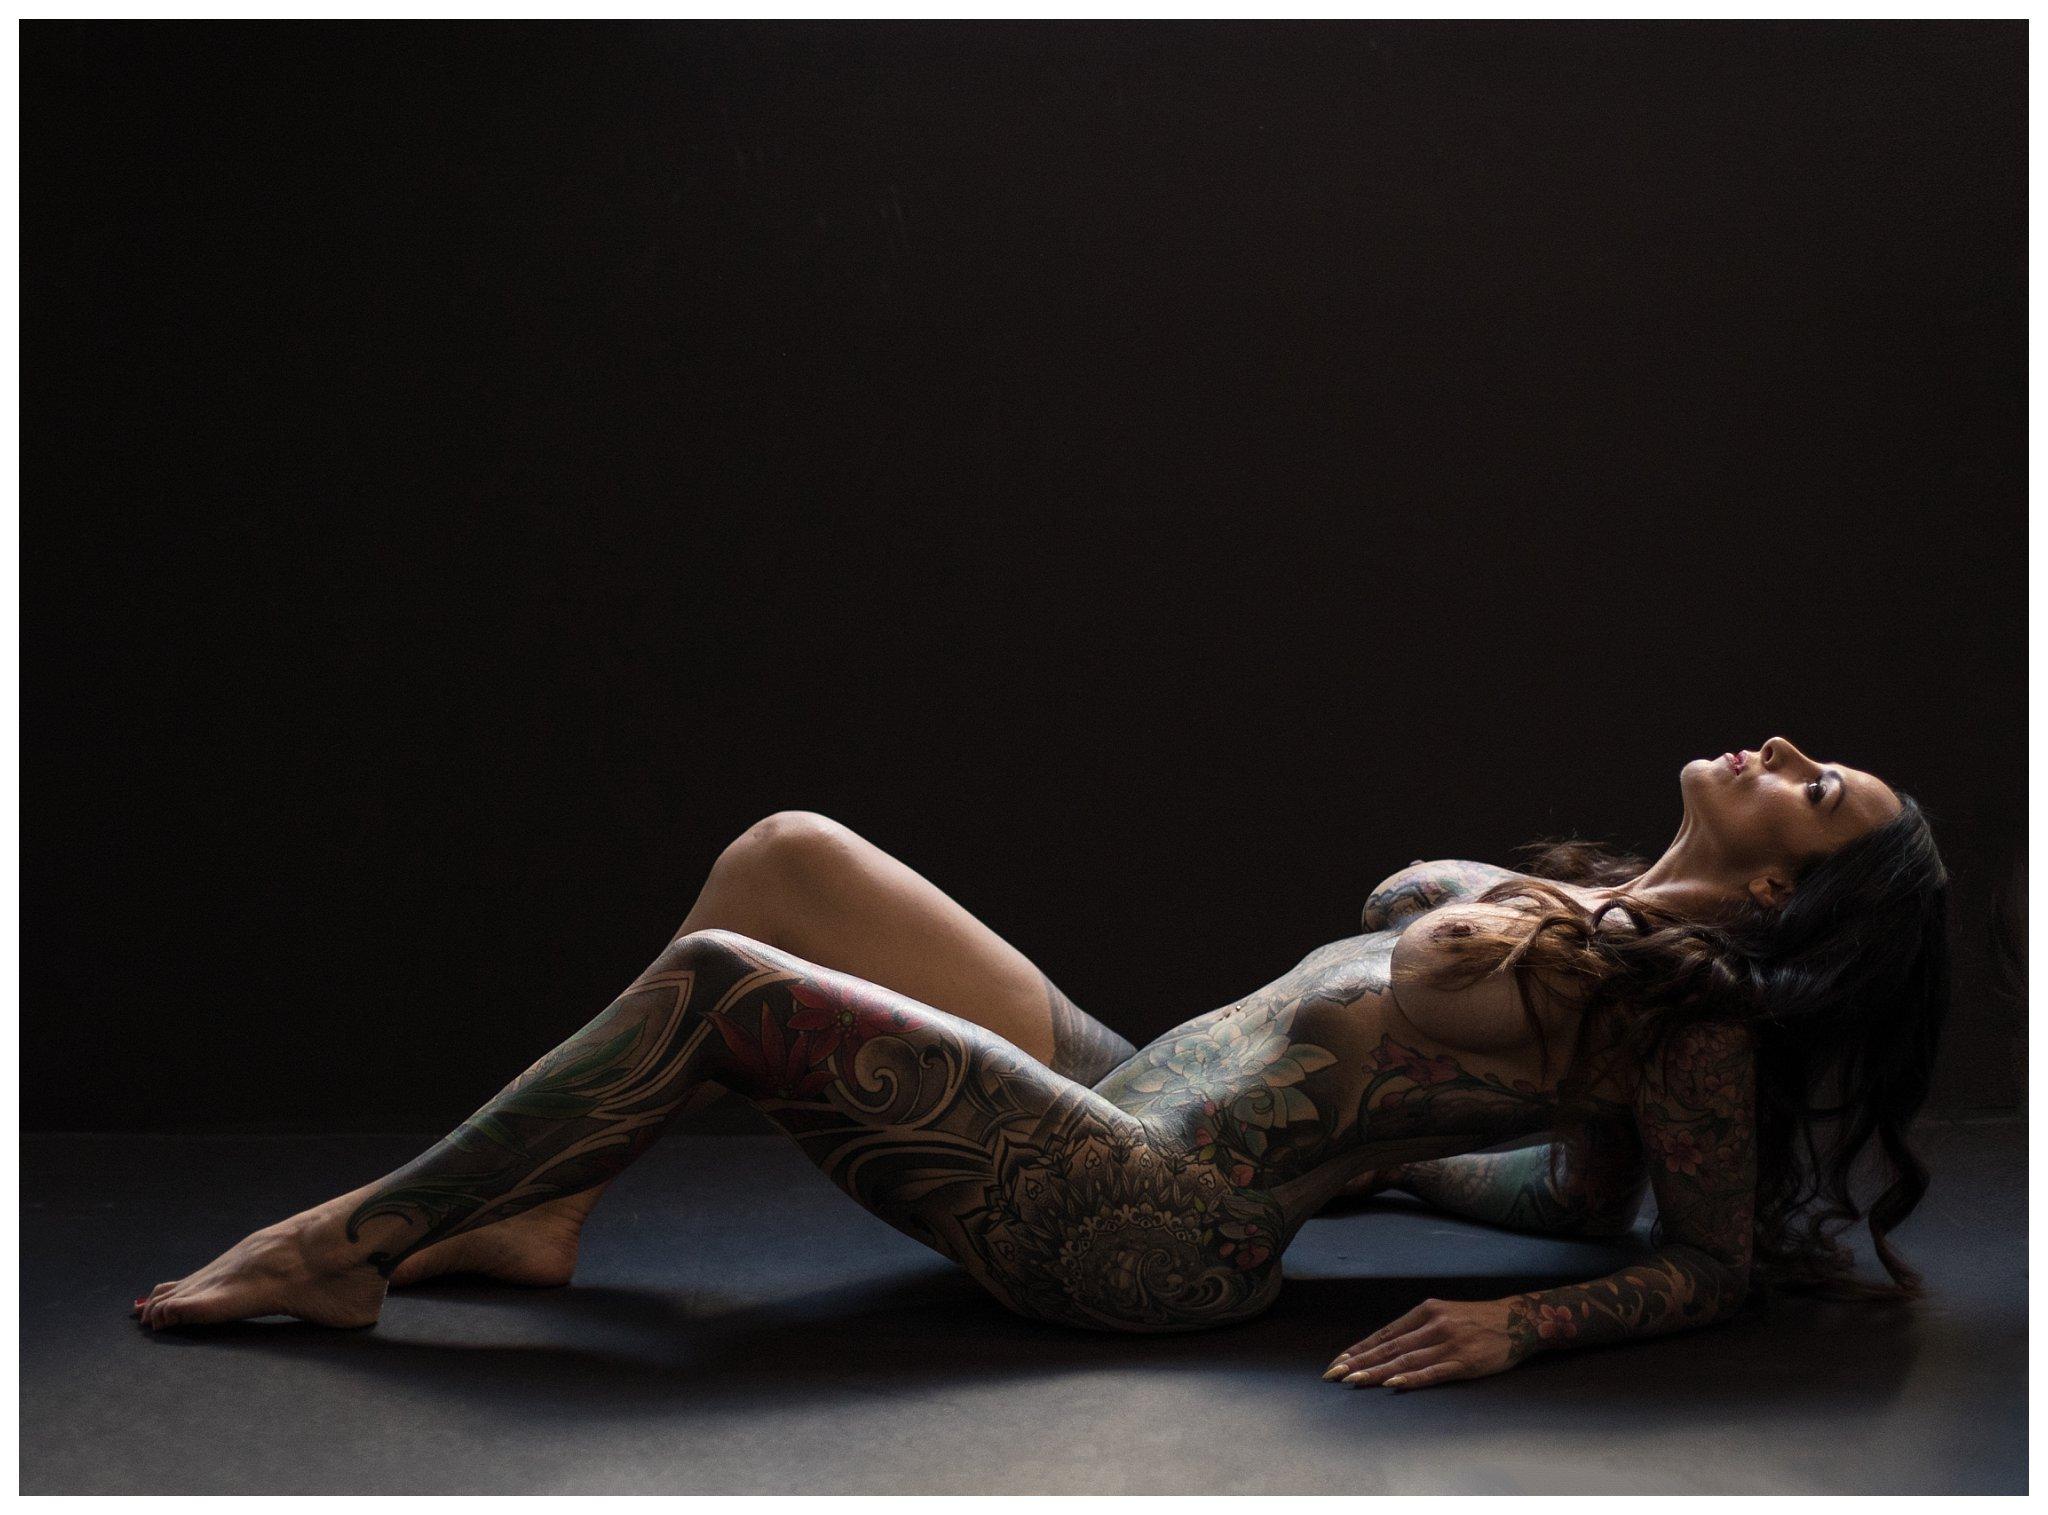 tattoo full body portland oregon